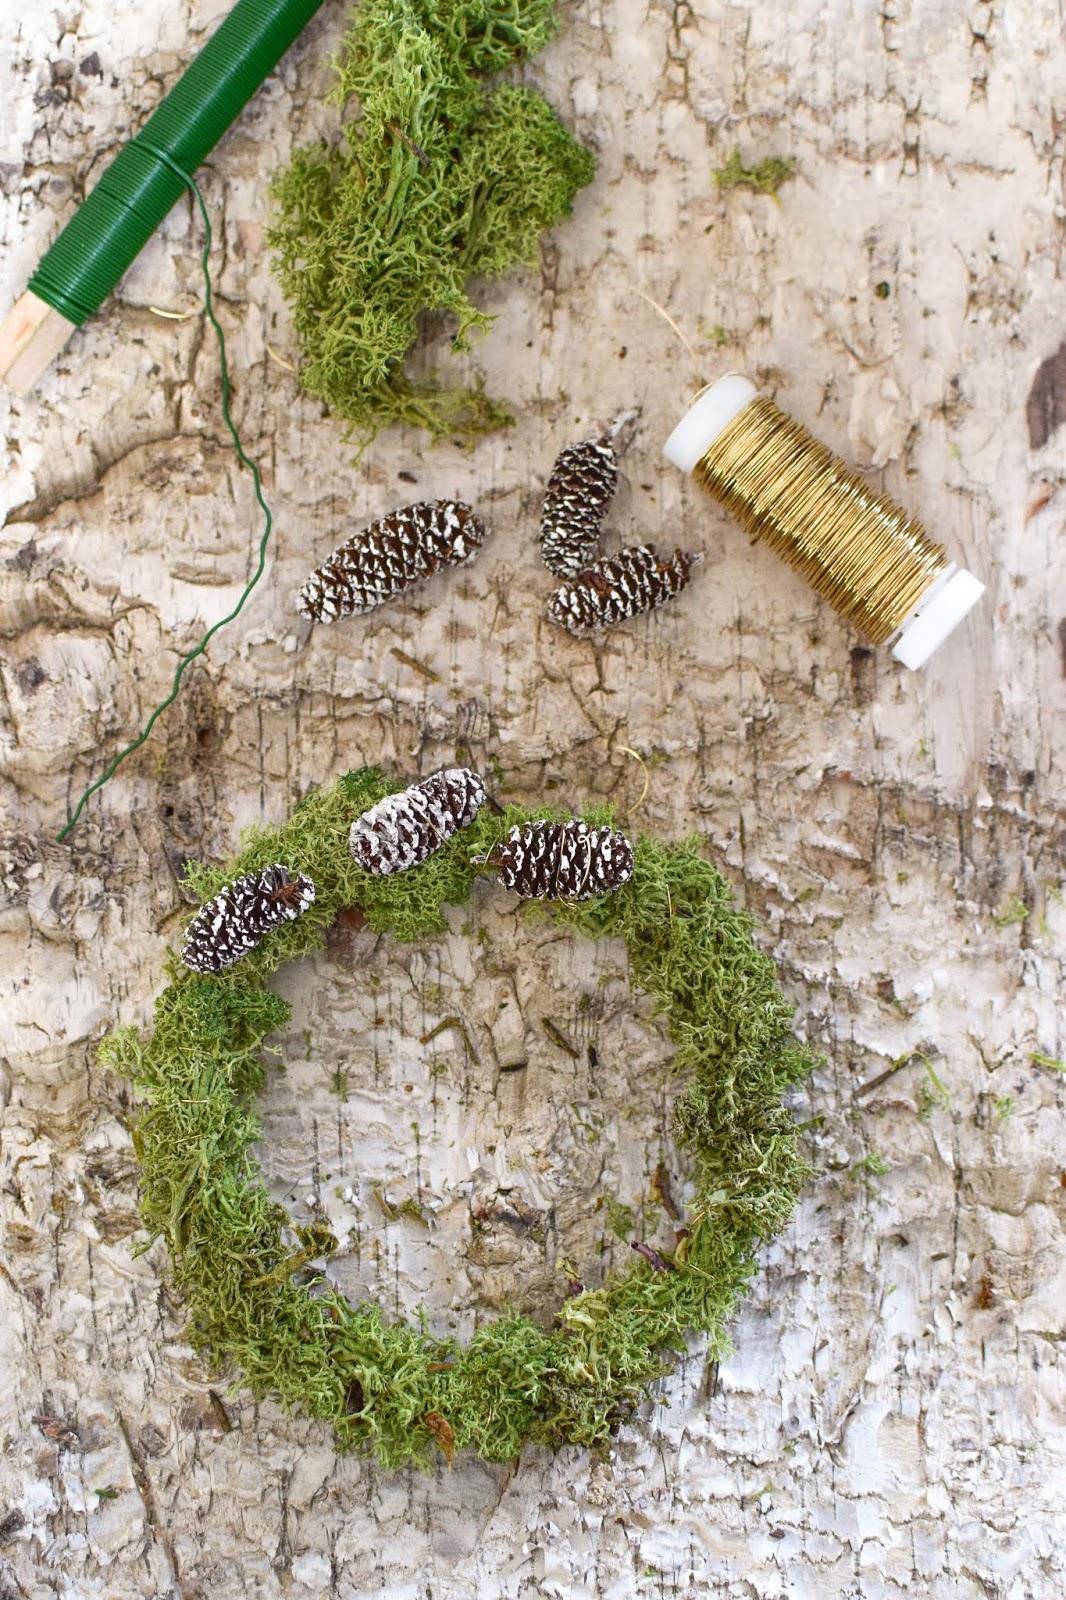 Anleitung Kranz binden aus Moos für den Herbst und Winter. DIY Dekoration basteln einfach selbermachen: Naturmaterialien basteln 1